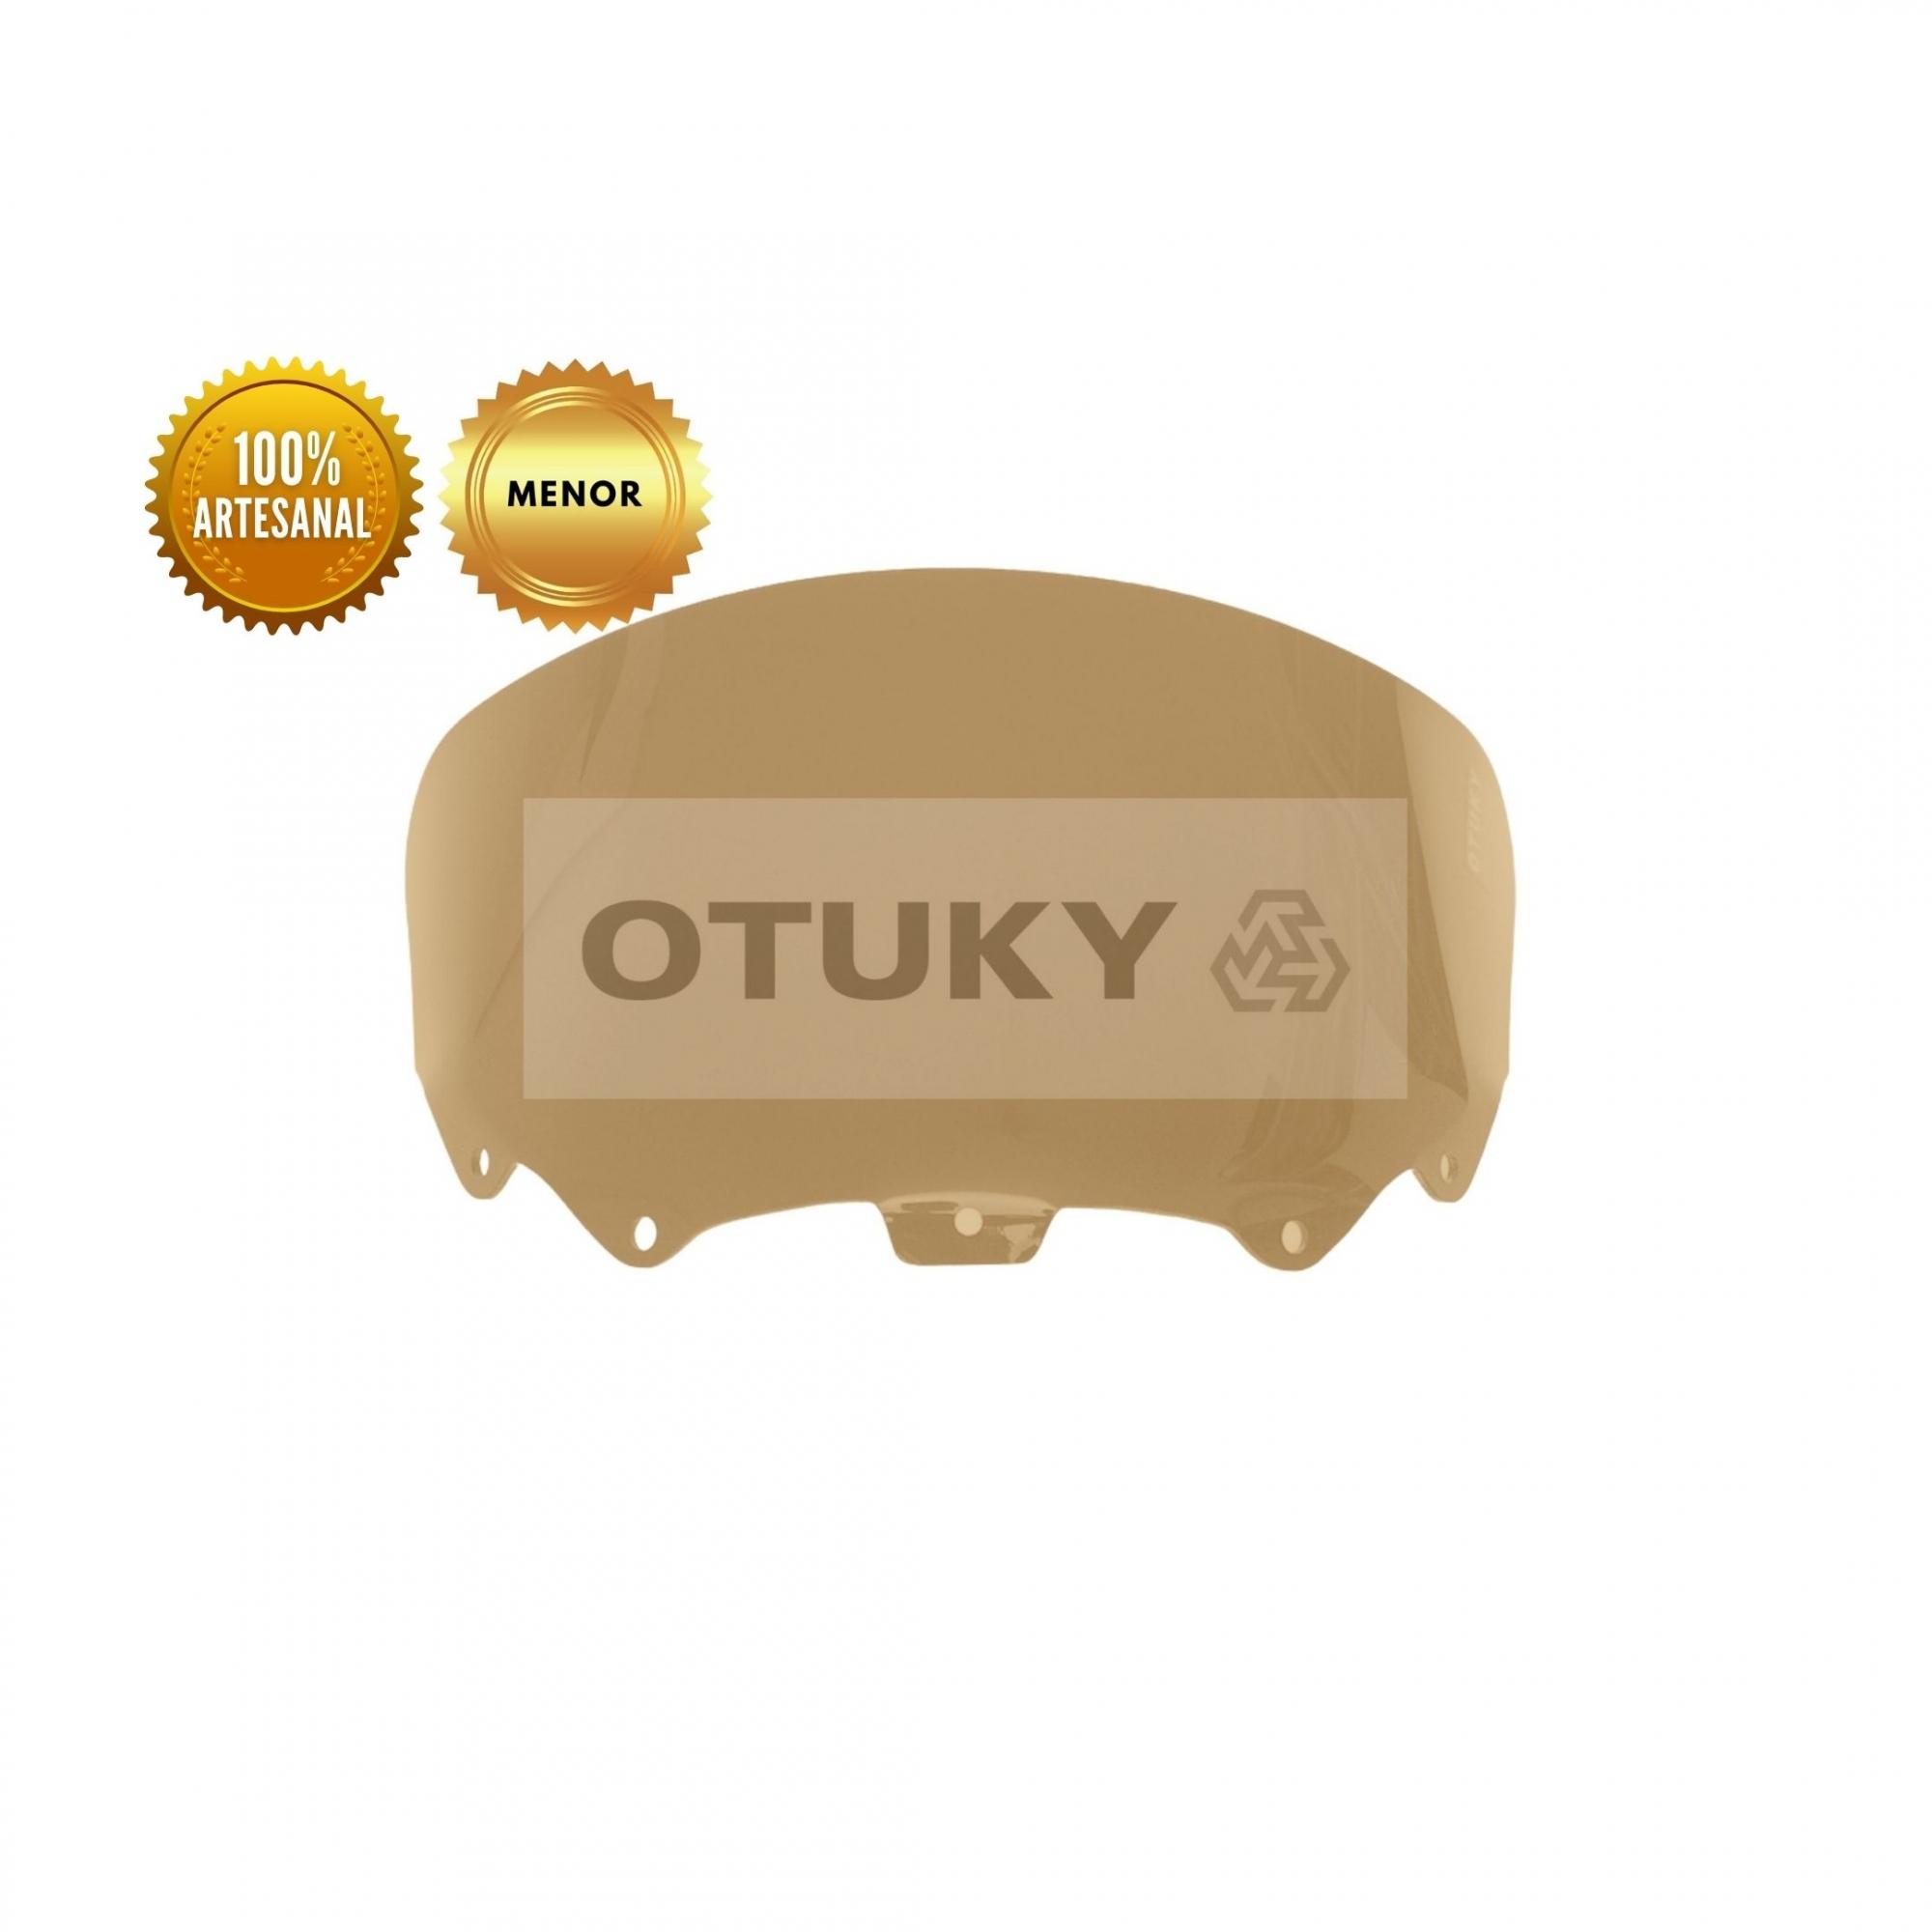 Bolha para Moto Citycom 300i Otuky Menor Fumê Marrom